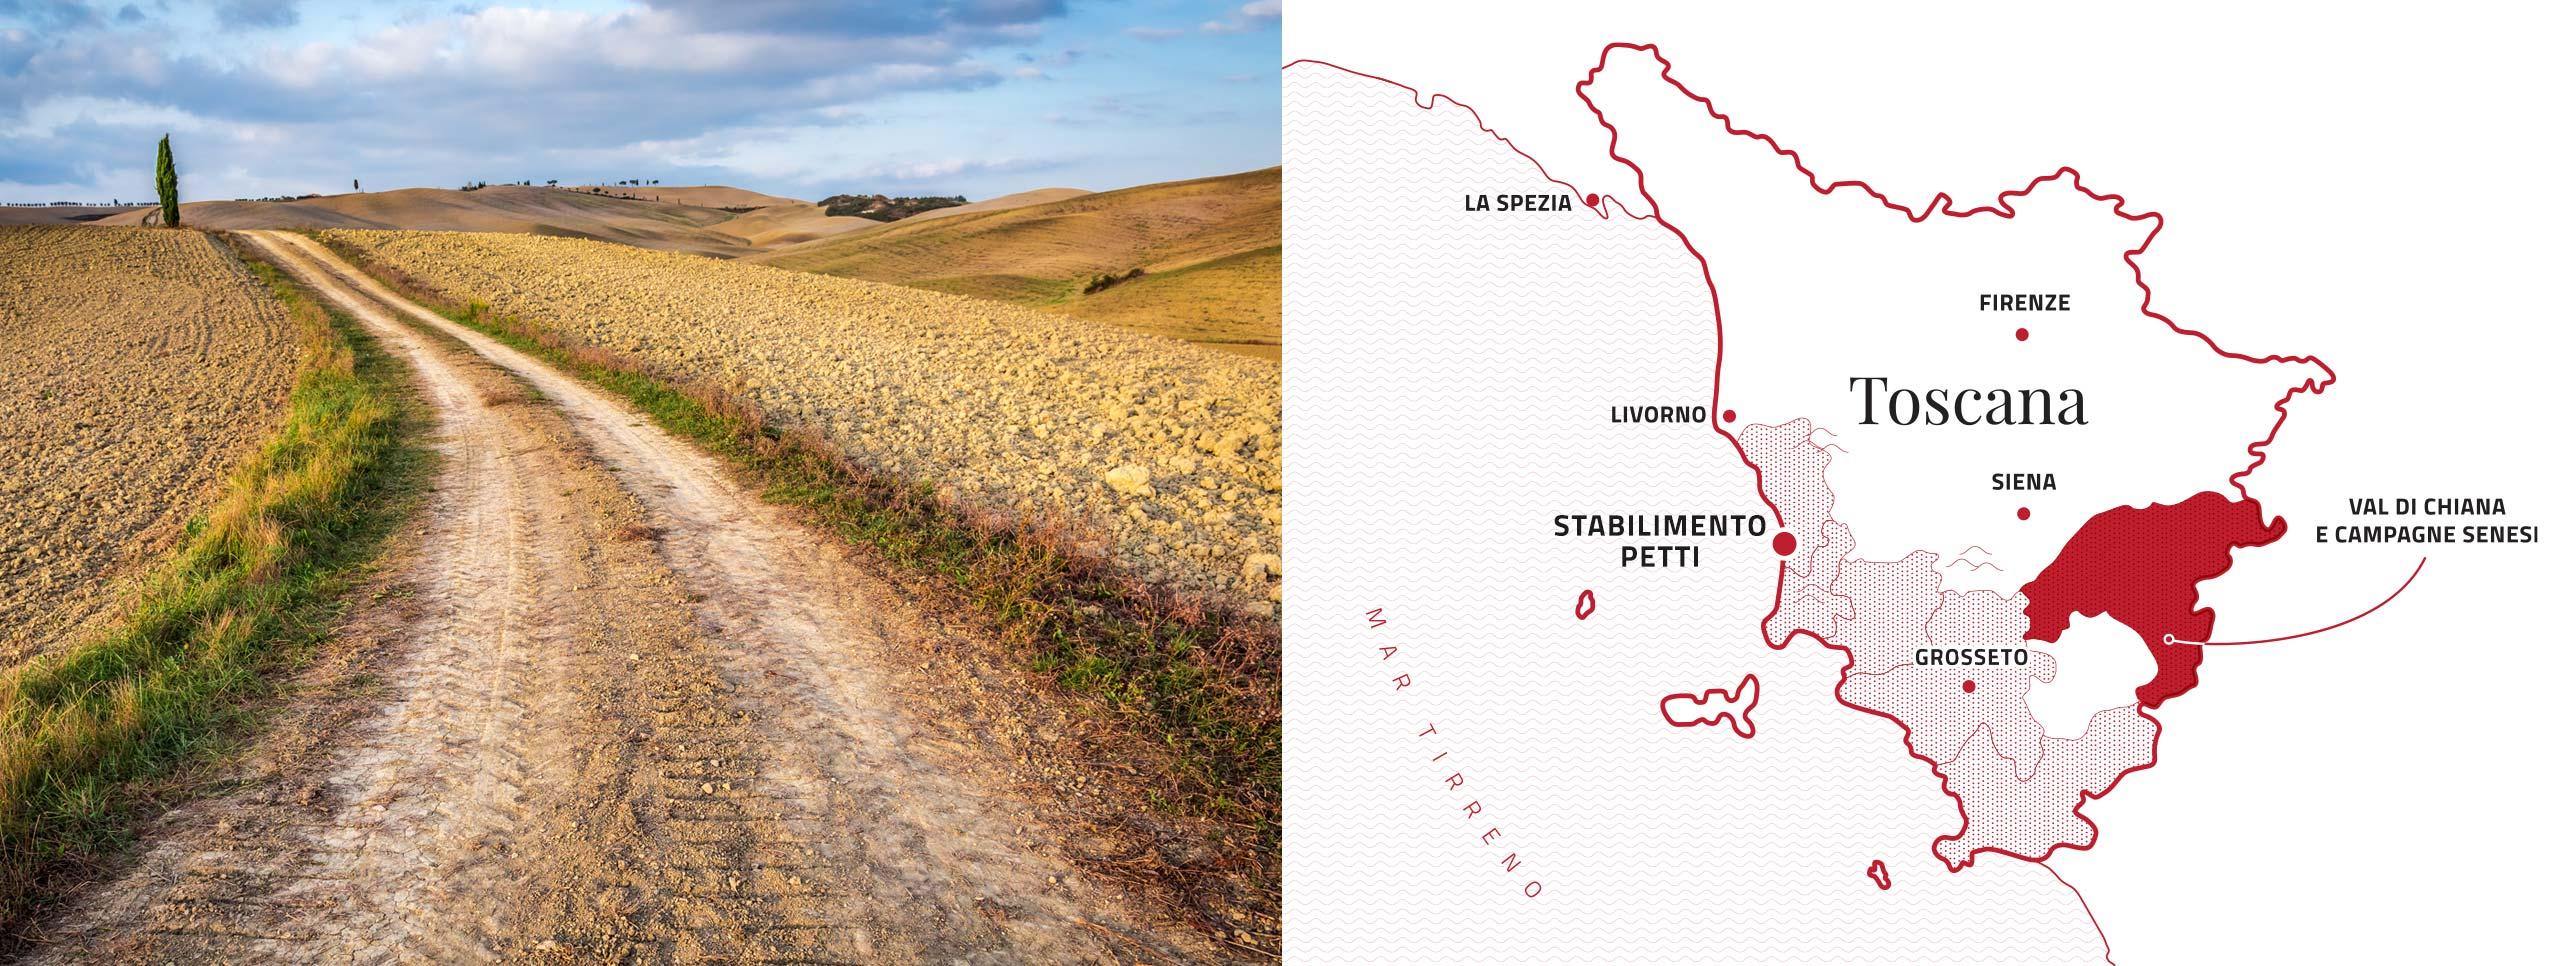 Mappa stabilimenti Petti Val di Chiana